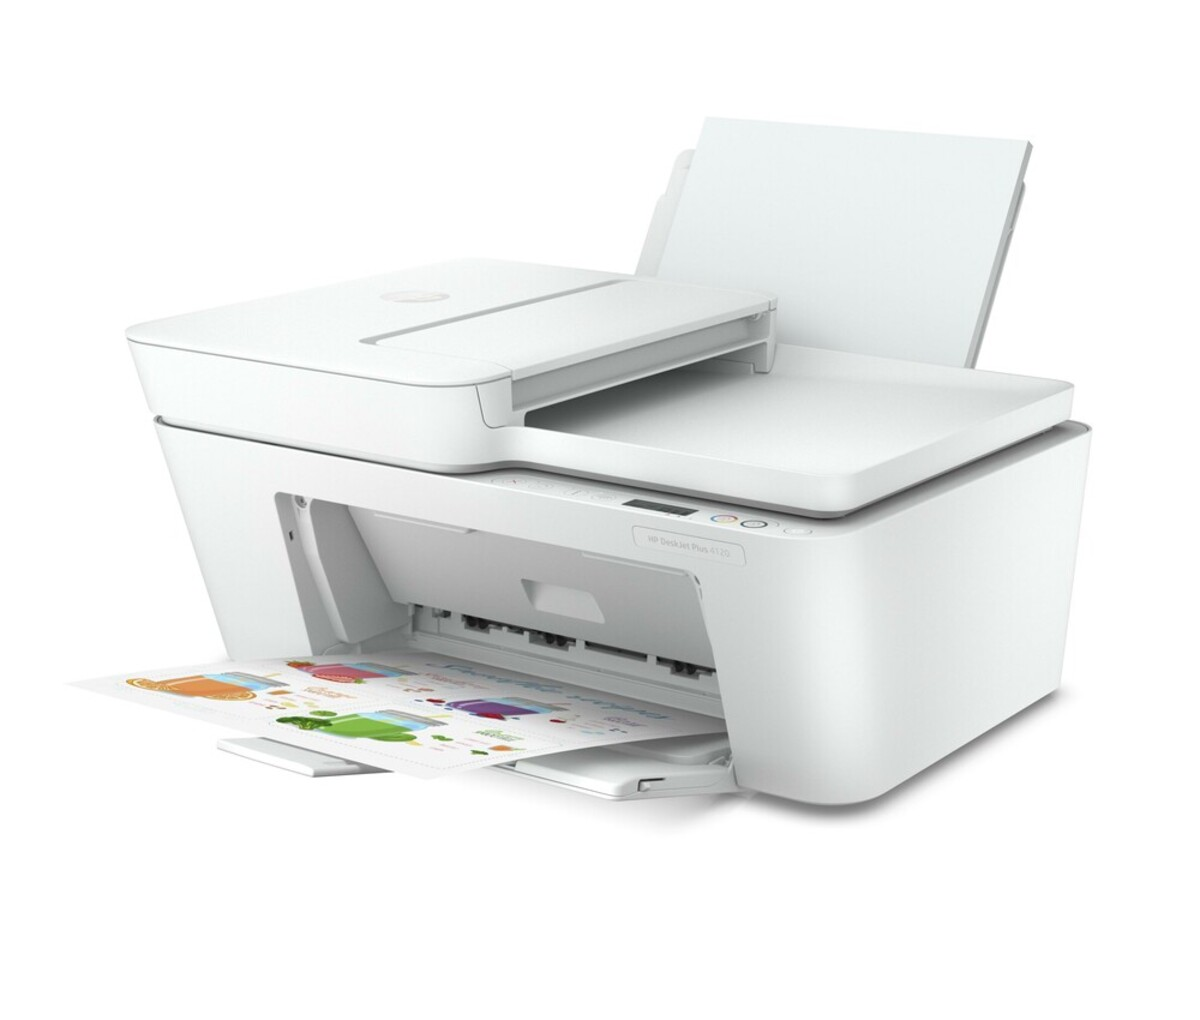 Bild 3 von DeskJet Plus 4120 weiß Multifunktionsdrucker